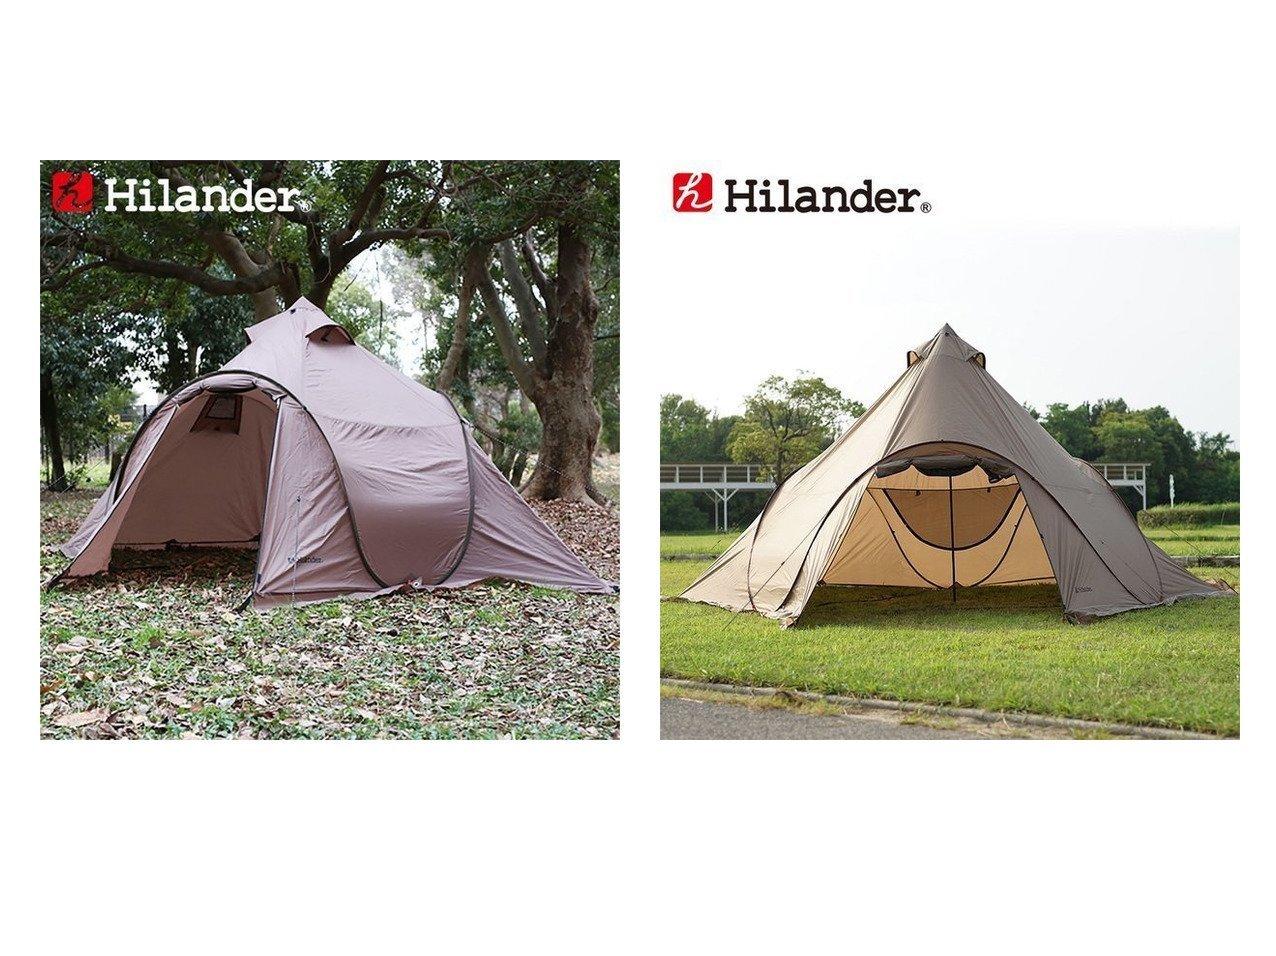 【Hilander/ハイランダー】のポップワンポールテント フィンガル スカート付き 限定カラー&ポップワンポールテント フィンガル ソロ(インナー+グランドシート付き) 【テント】おすすめ!人気キャンプ・アウトドア用品の通販 おすすめで人気の流行・トレンド、ファッションの通販商品 インテリア・家具・メンズファッション・キッズファッション・レディースファッション・服の通販 founy(ファニー) https://founy.com/ インナー グラス フレーム ホーム・キャンプ・アウトドア Home,Garden,Outdoor,Camping Gear キャンプ用品・アウトドア  Camping Gear & Outdoor Supplies テント タープ Tents, Tarp  ID:crp329100000051161